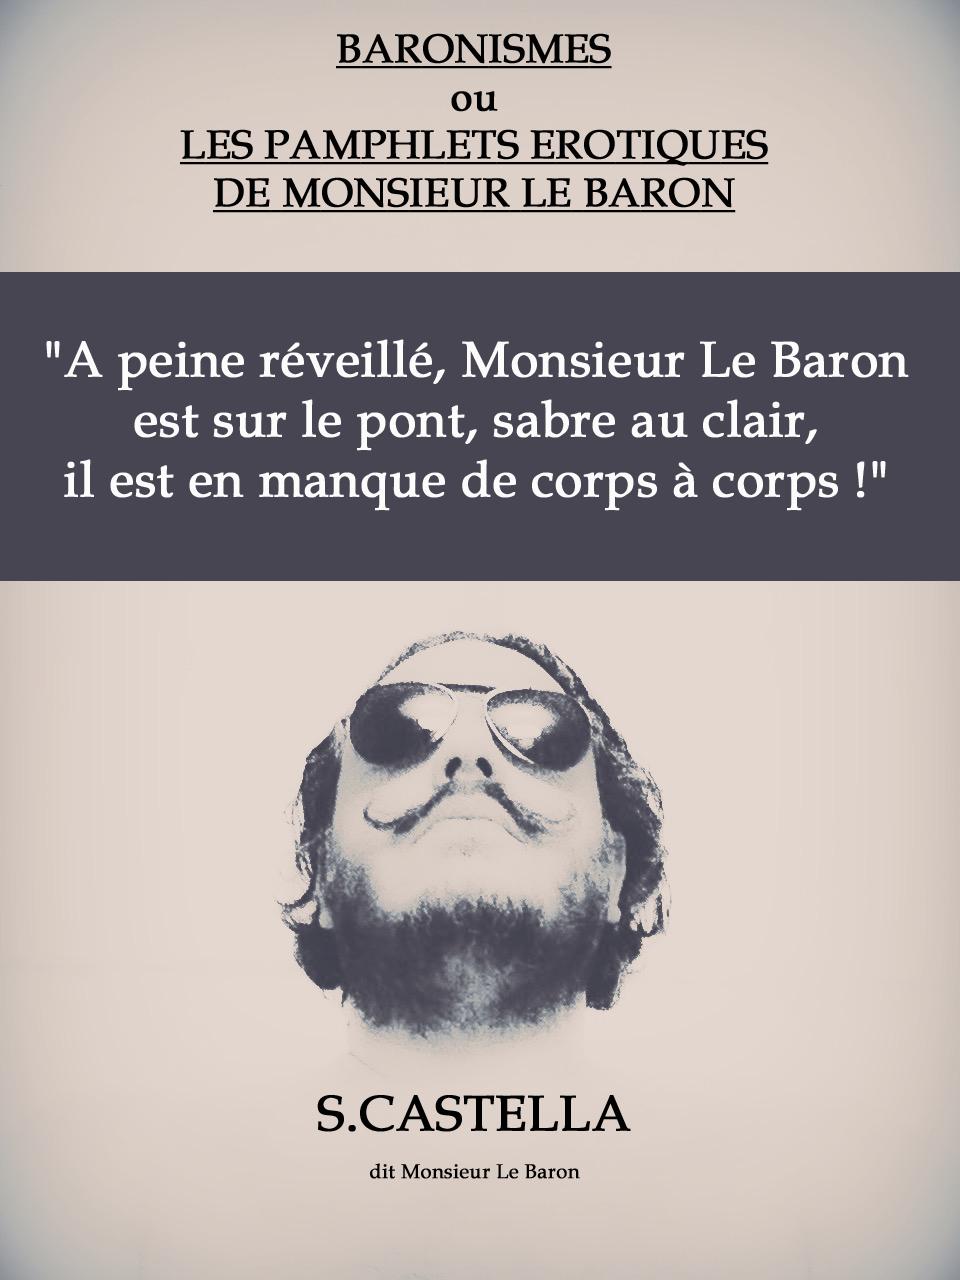 castella-baronisme1